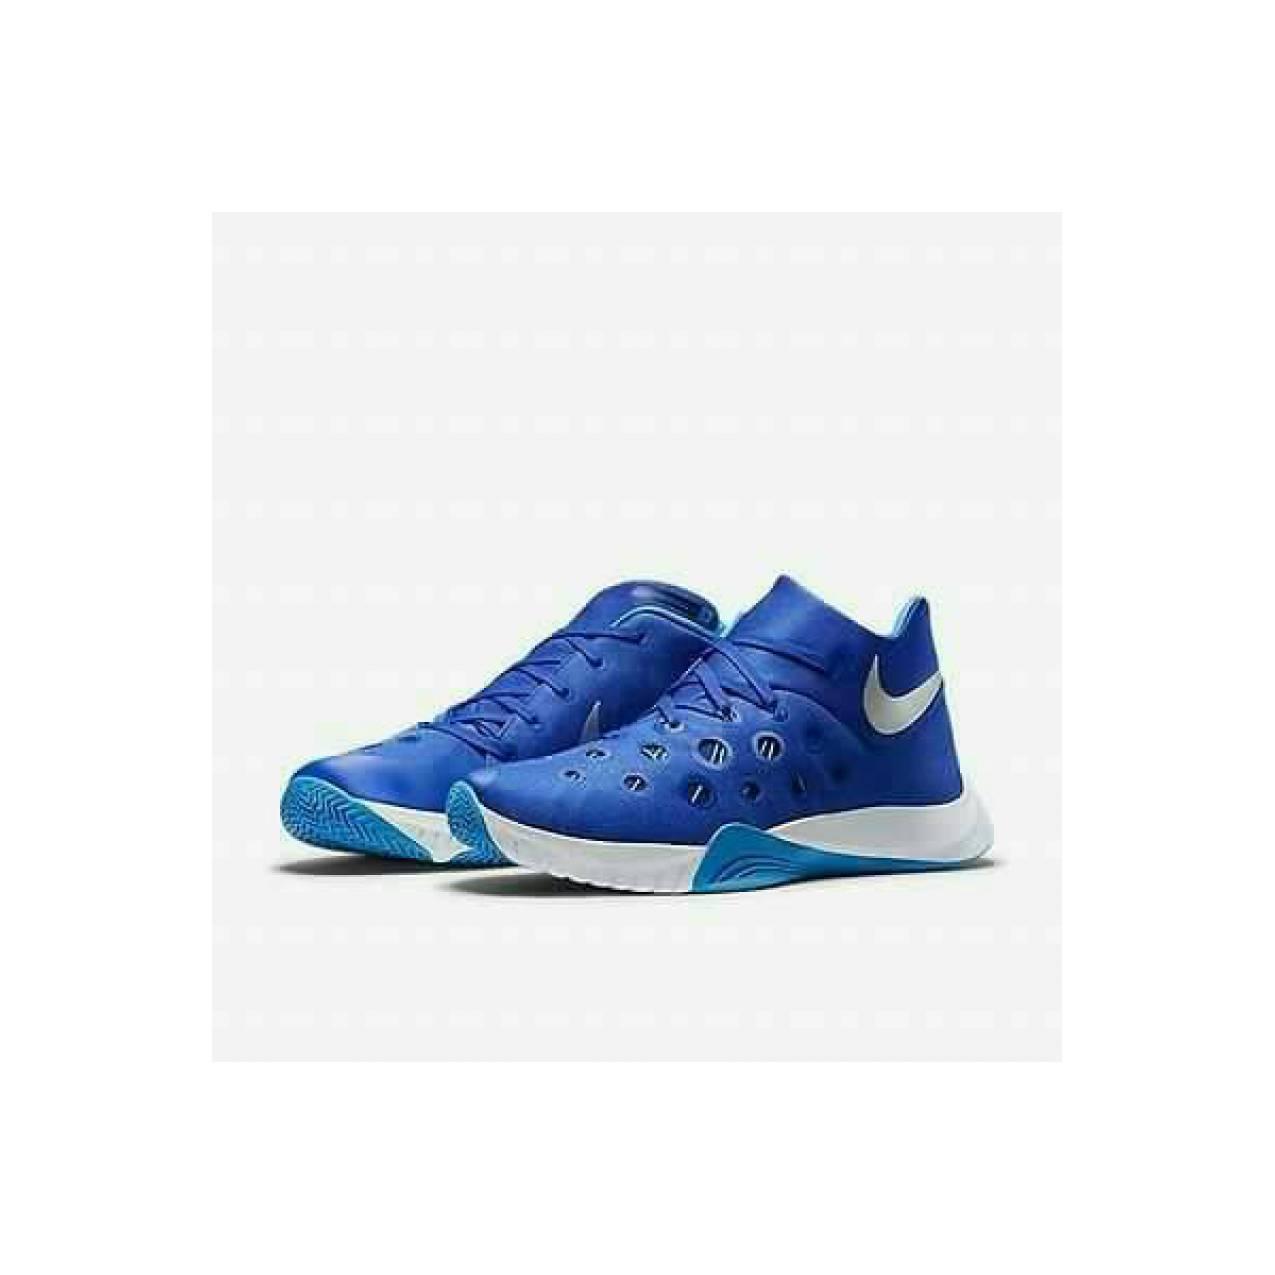 Sepatu Basket Murah NIKE Zoom Hyperquickness Men 812976 402 Original